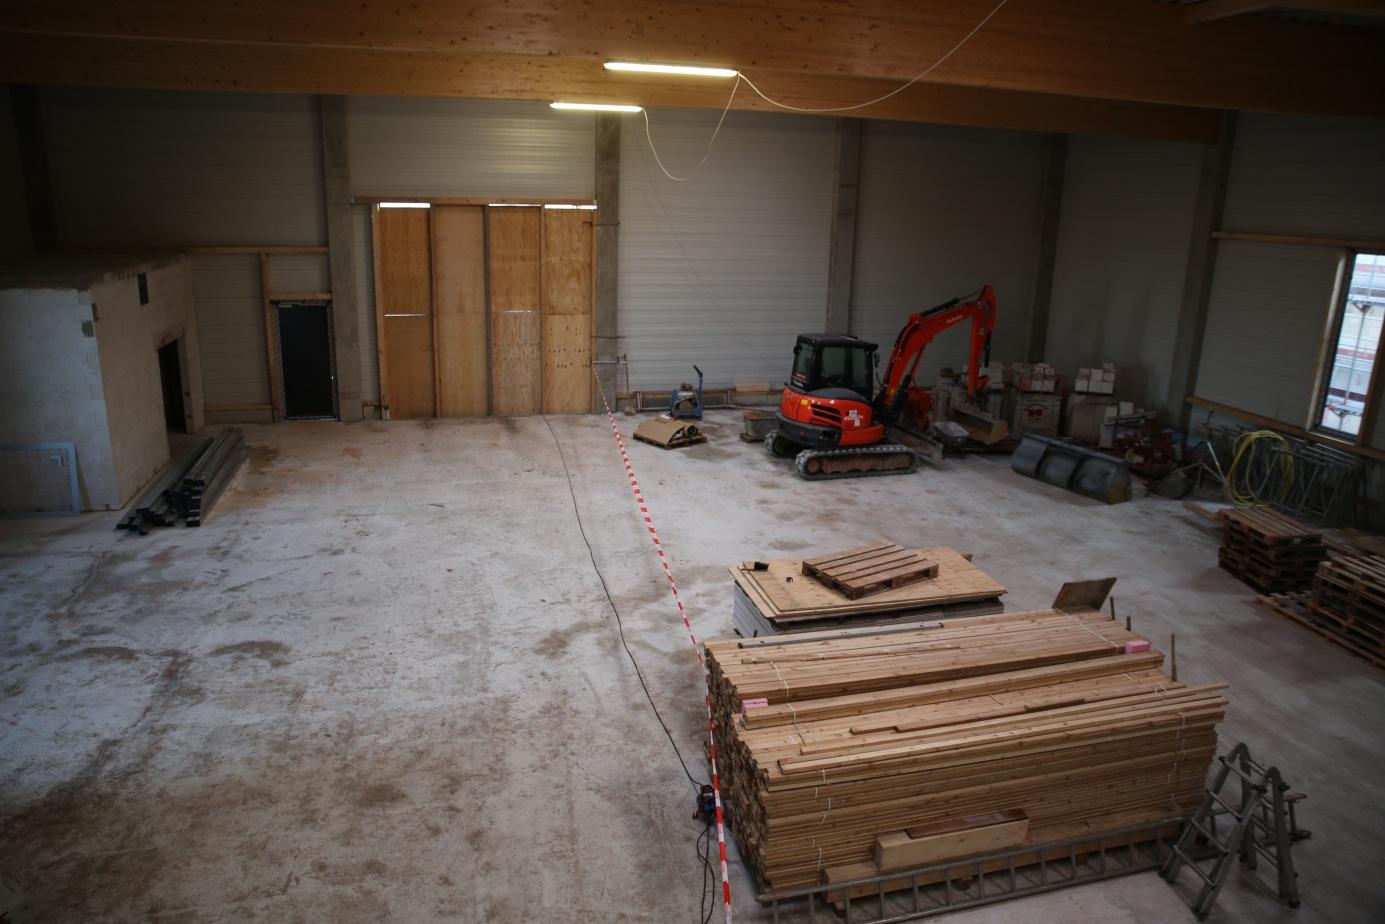 Blick in die spätere Lagerhalle und Werkstatt